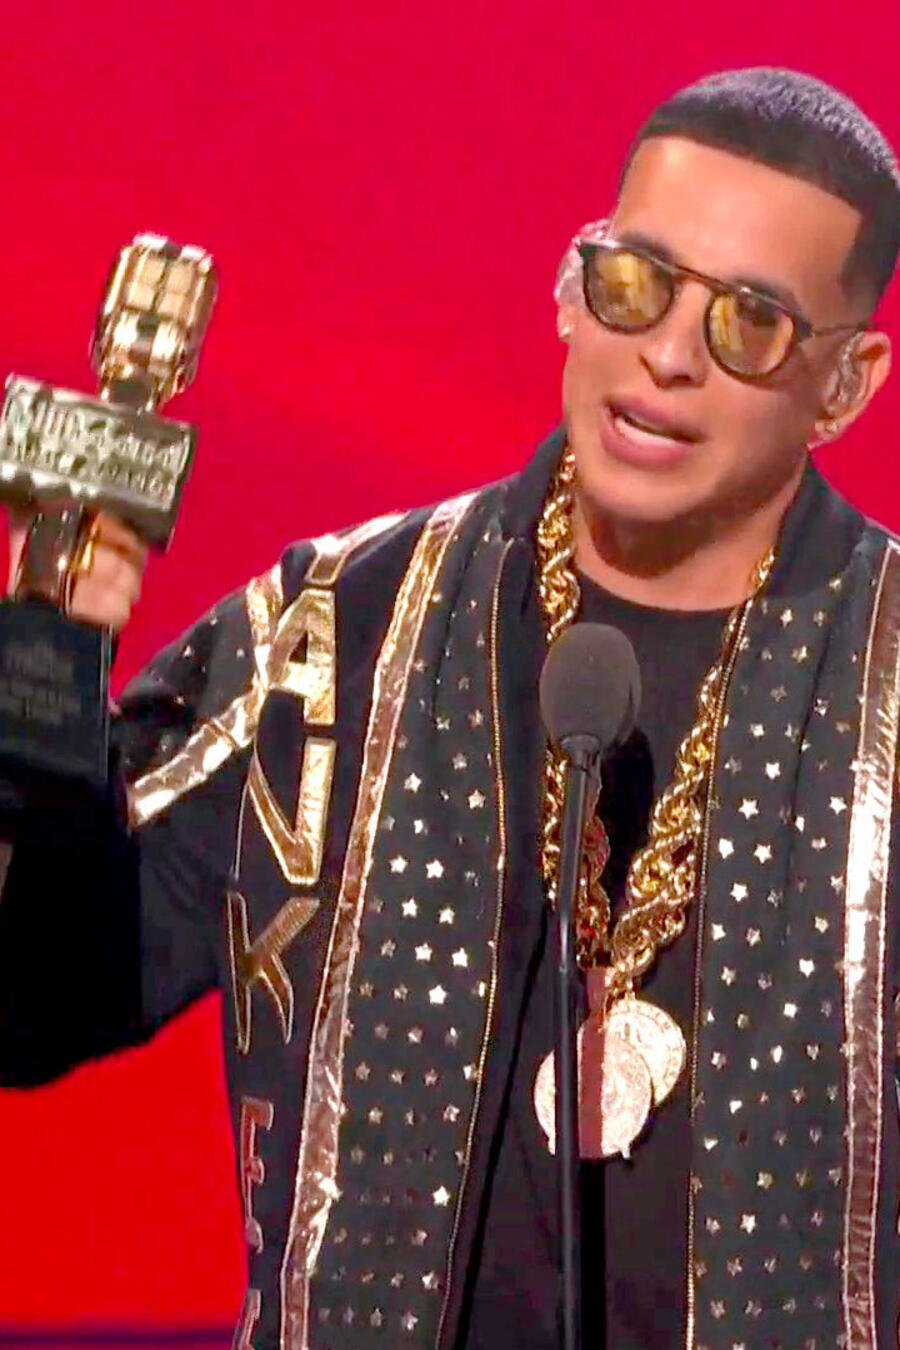 Daddy Yankee recibiendo el Premio Salón de la Fama en los Premios Billboard 2021